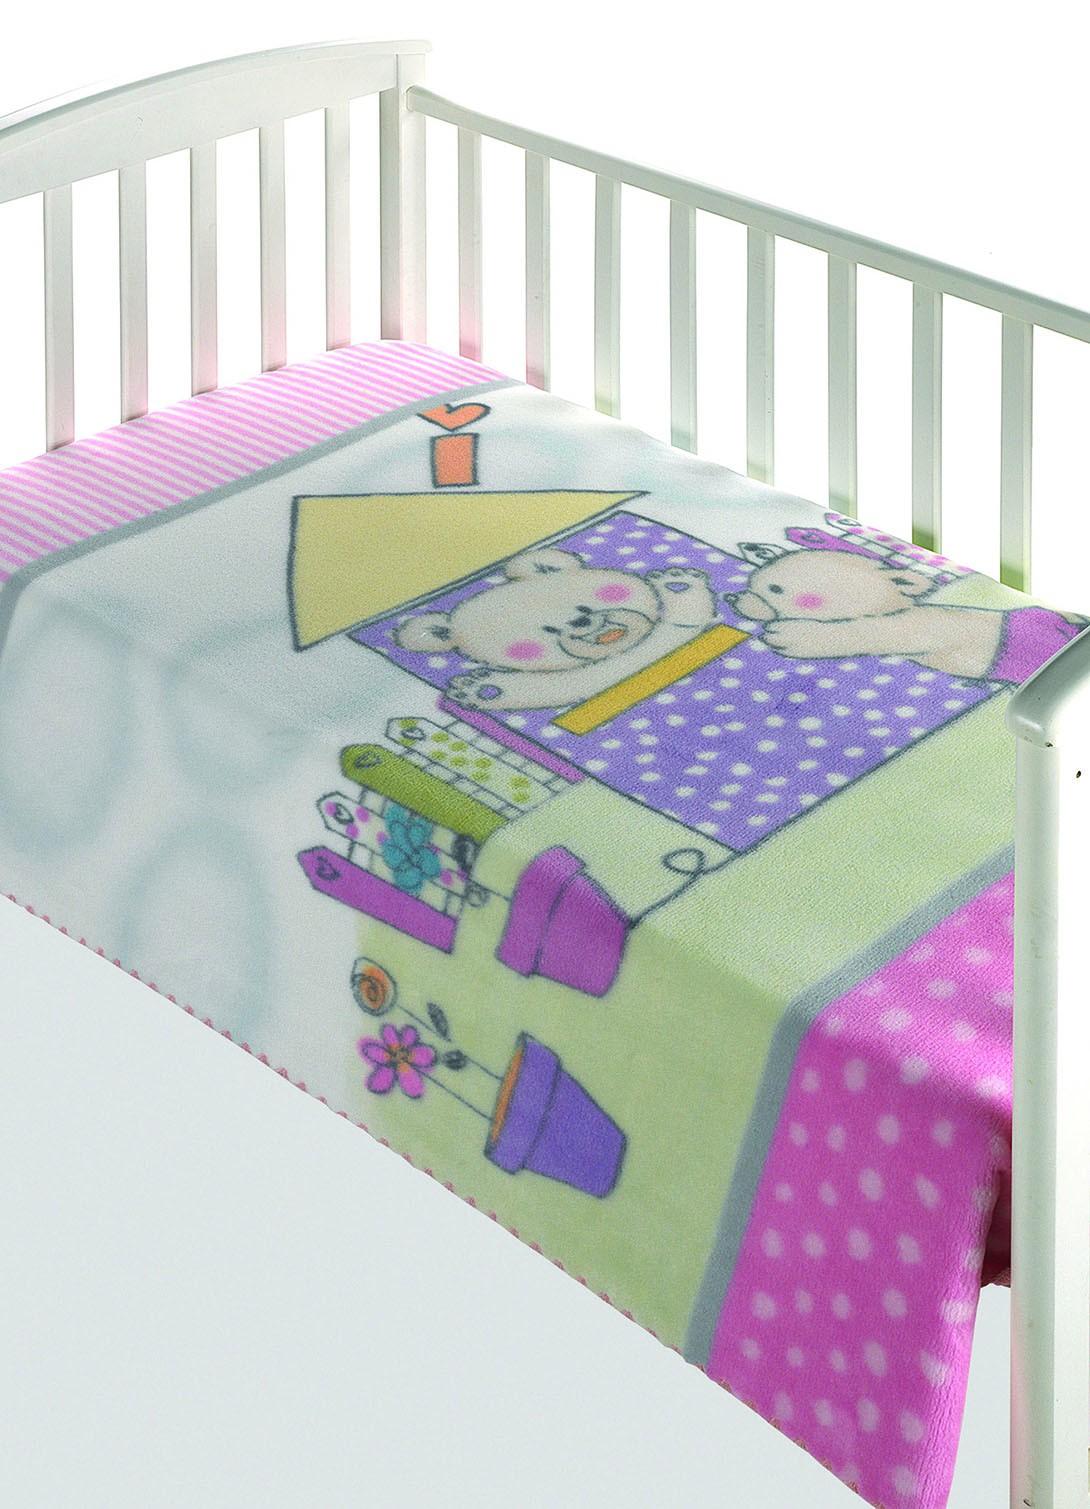 Κουβέρτα Βελουτέ Αγκαλιάς Morven Magic Baby 285 Ροζ